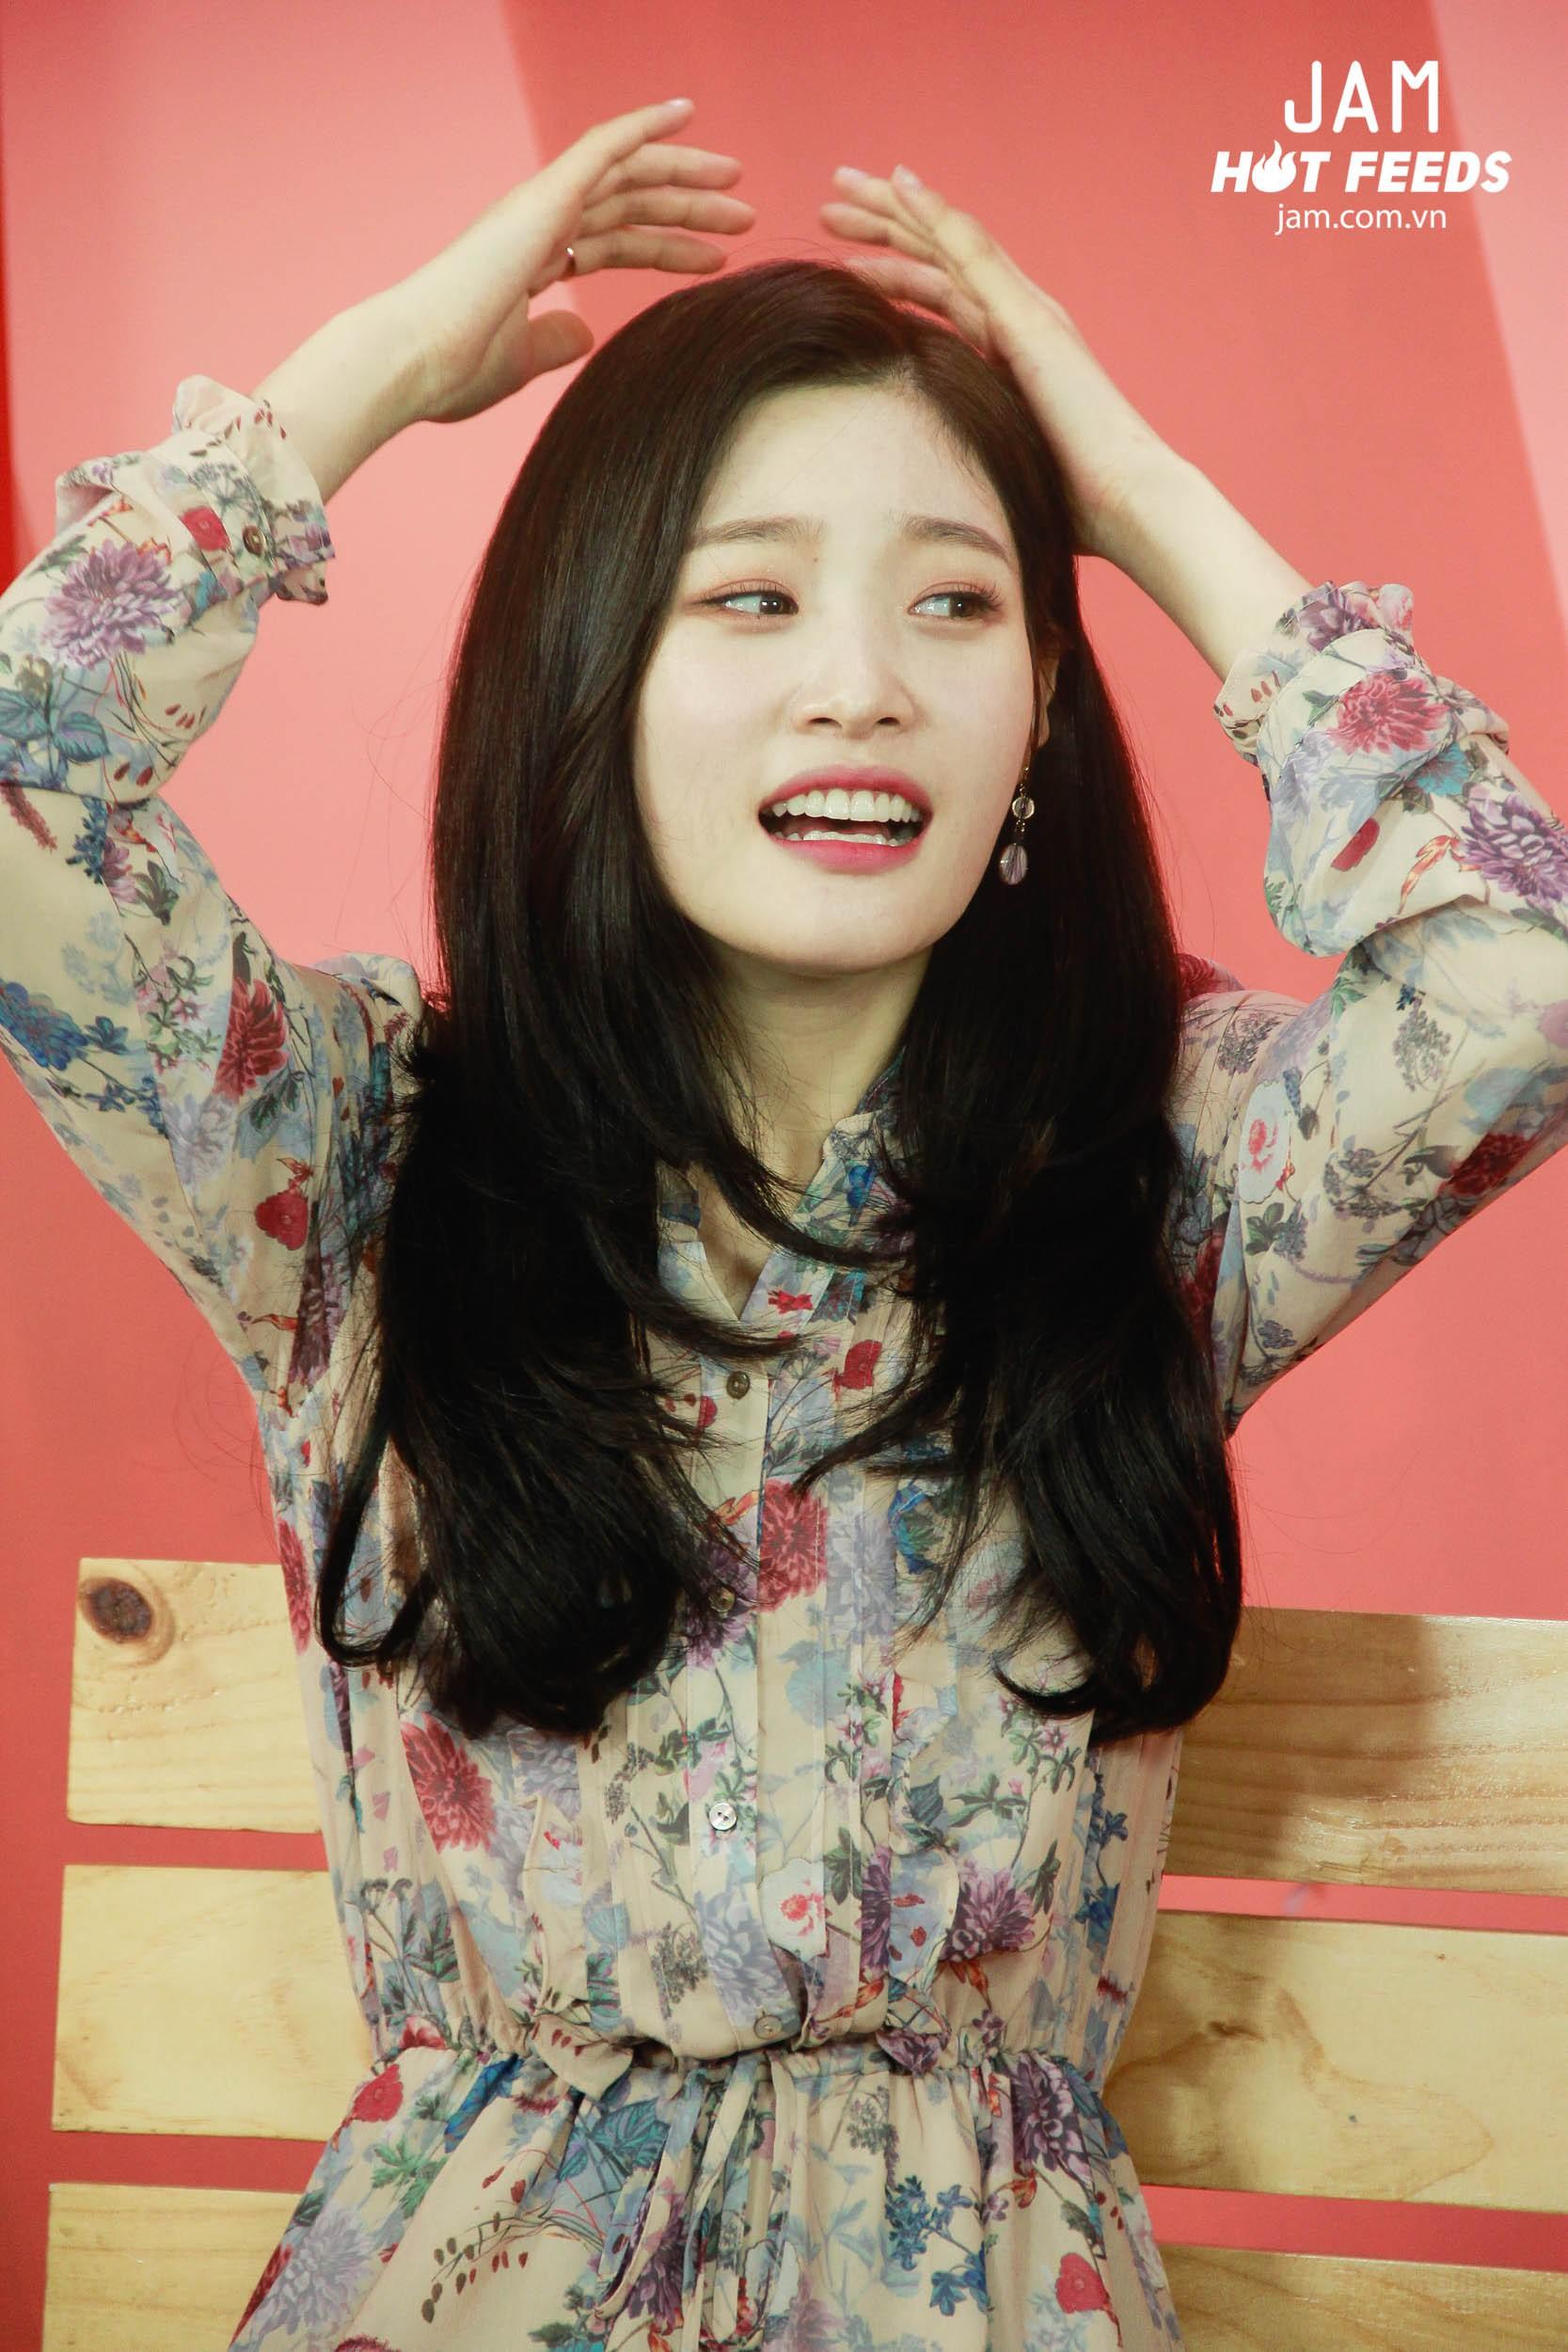 Xứng danh nữ thần thế hệ mới, Chae Yeon đẹp đến xiêu lòng trong bất kỳ khoảnh khắc nào! - Ảnh 11.